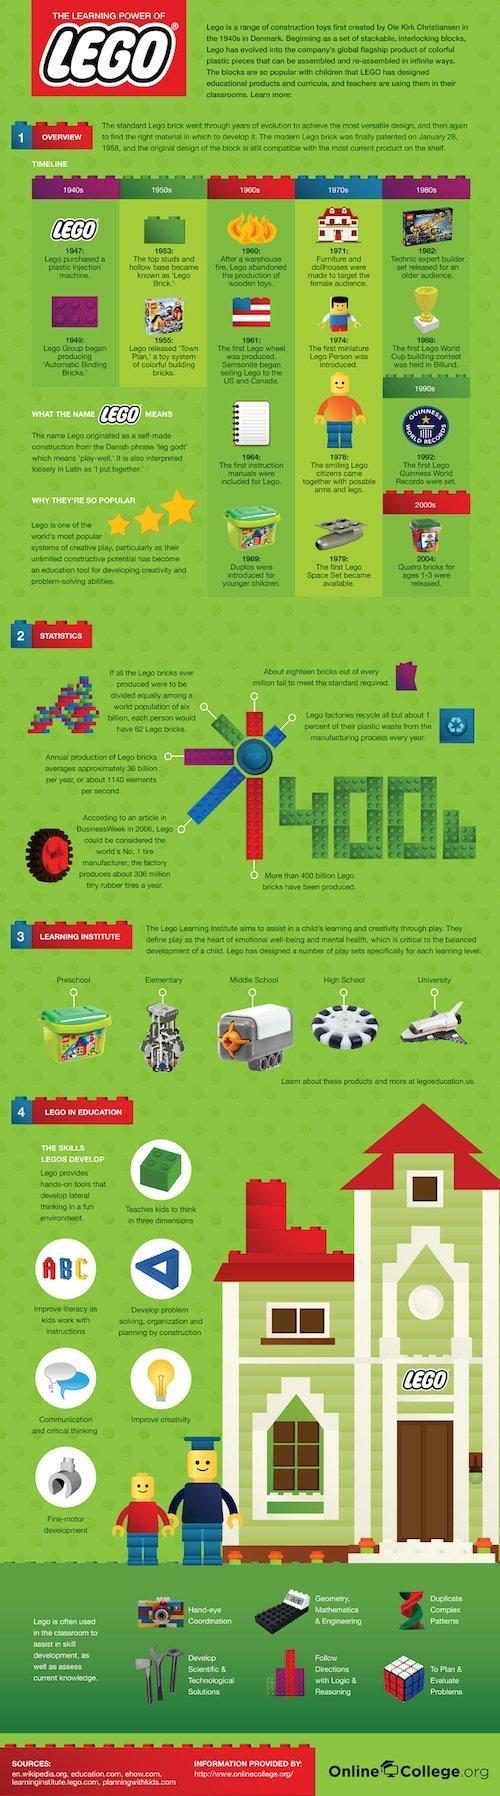 Lego: scopriamone la storia e i benefici per i bambini [INFOGRAFICA]